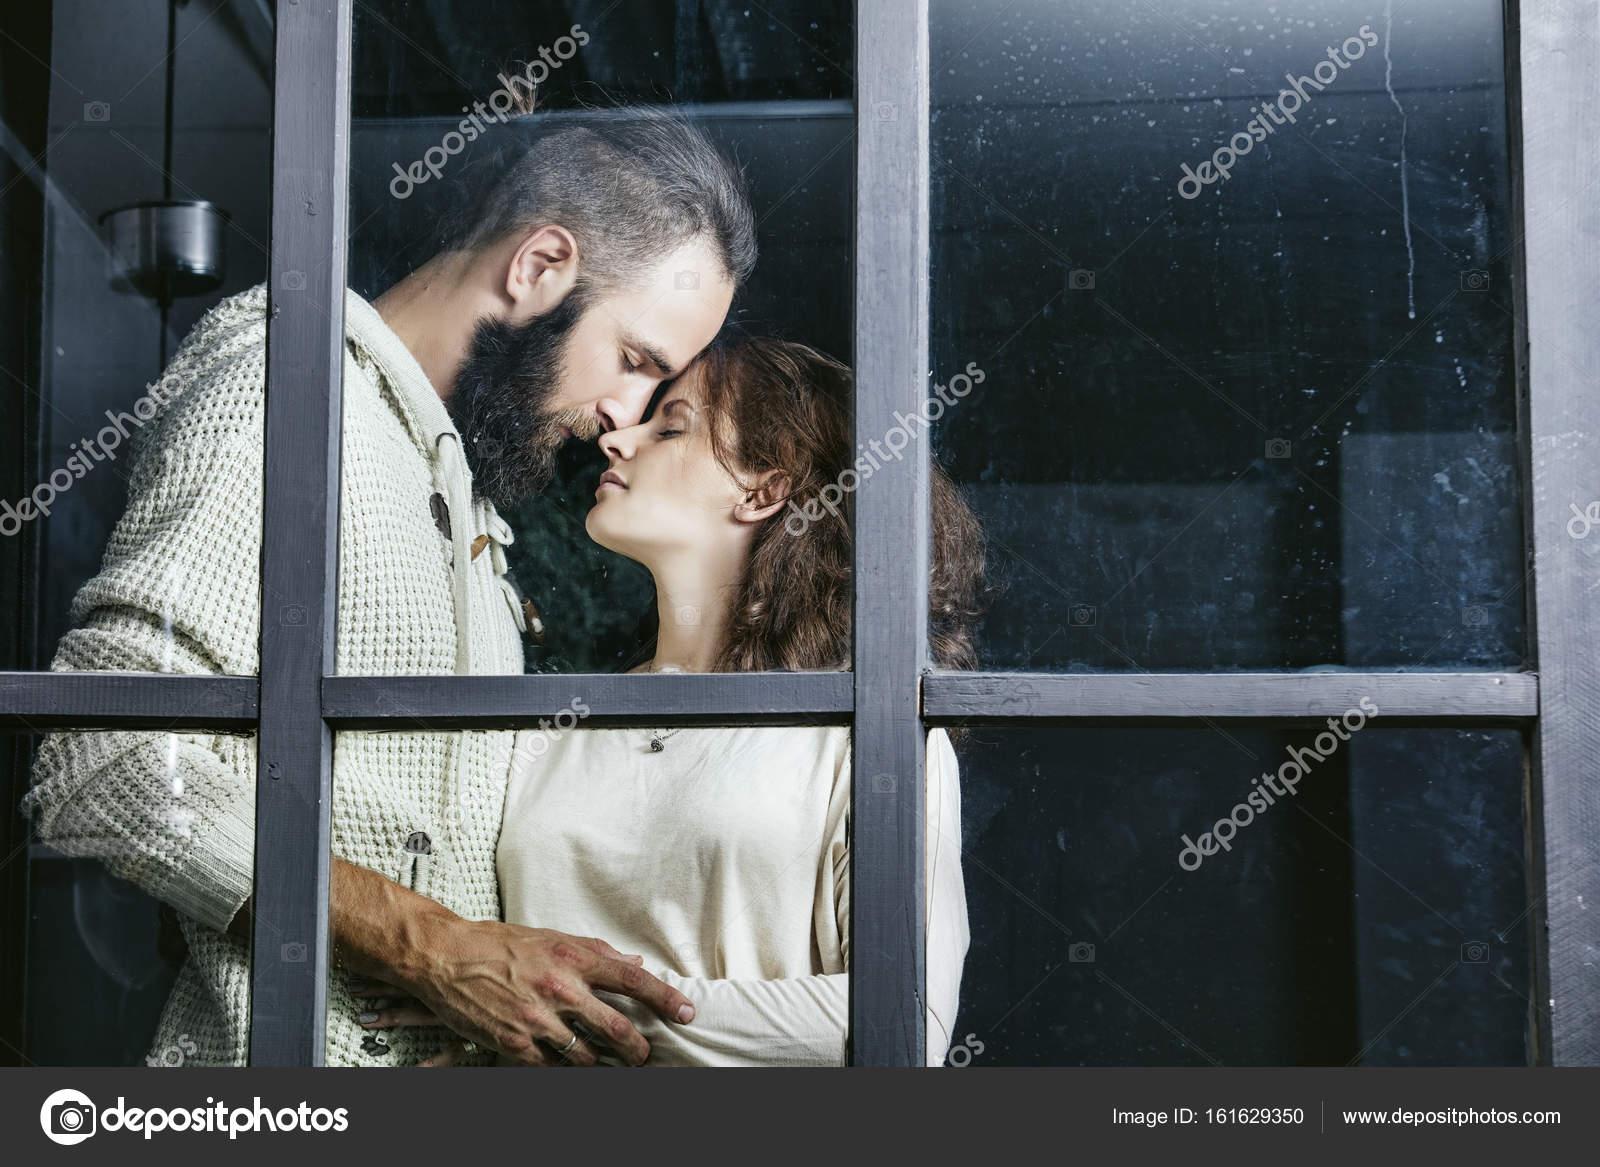 Гетеросексуальные контакты